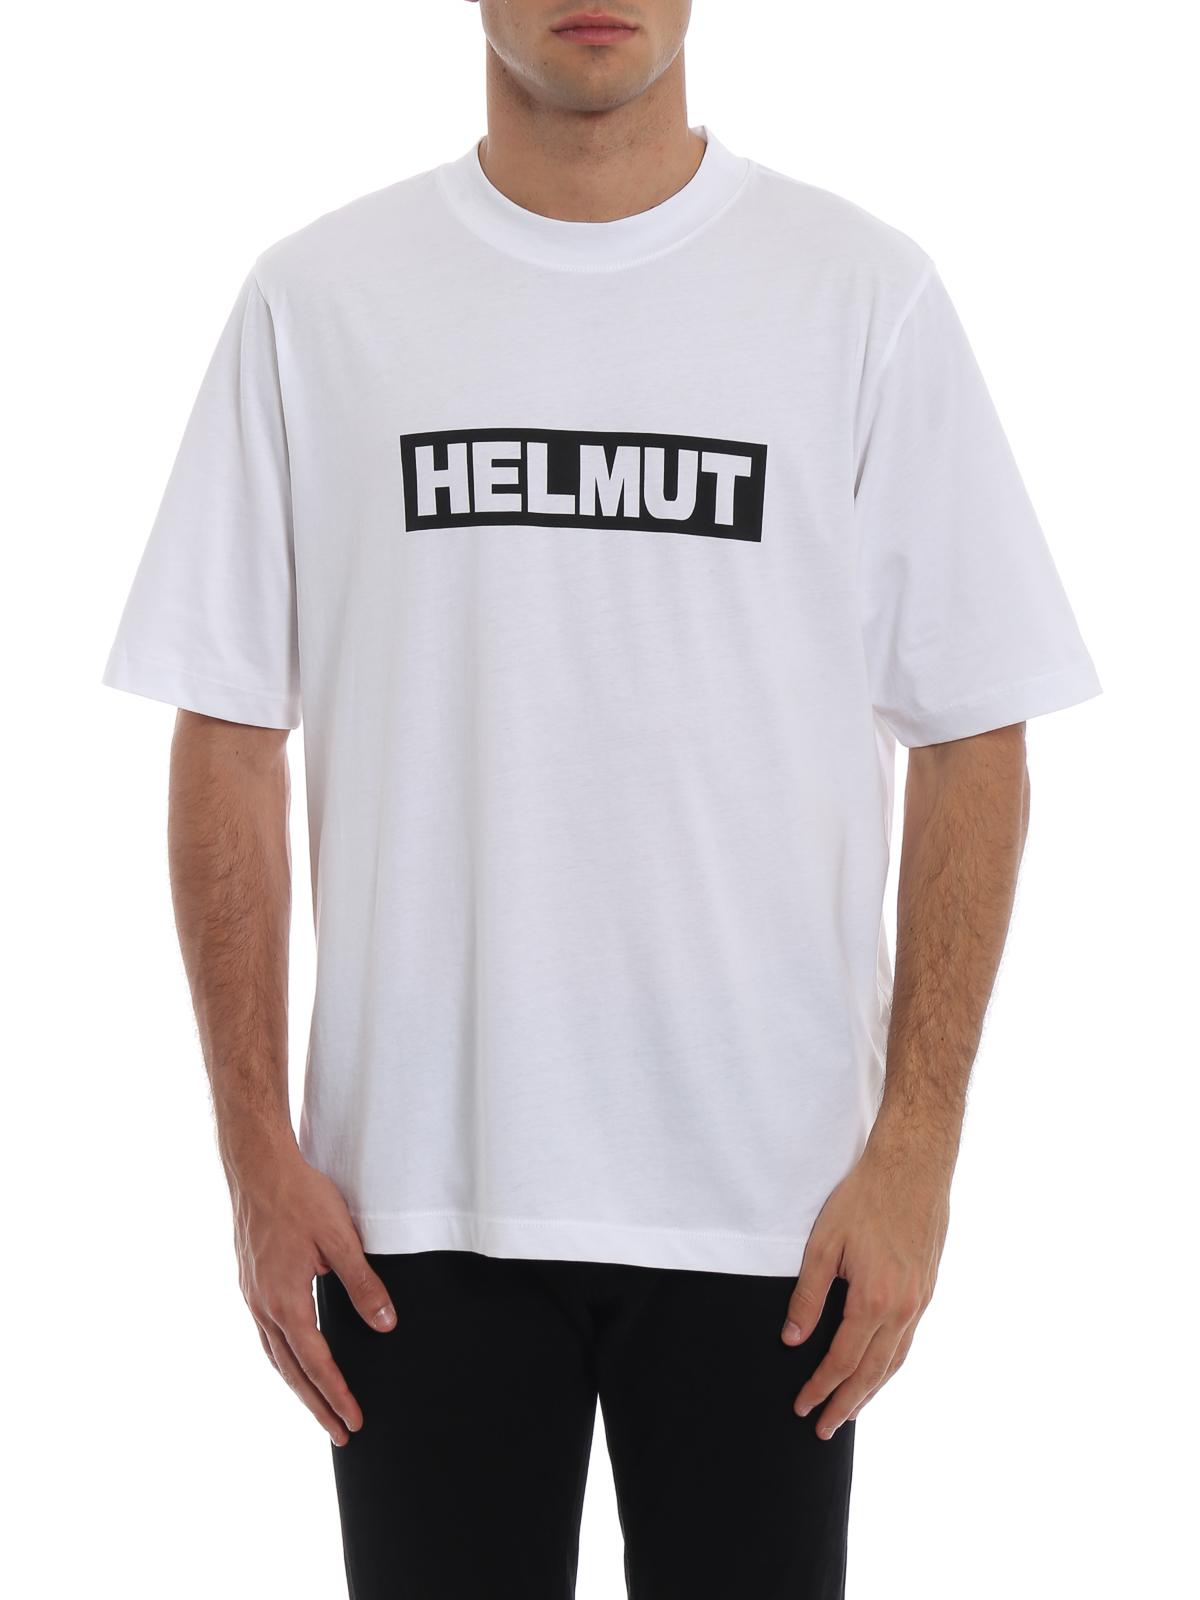 Ikrix Shirts Helmut Blanc Shirt T Lang 4q1x4S7